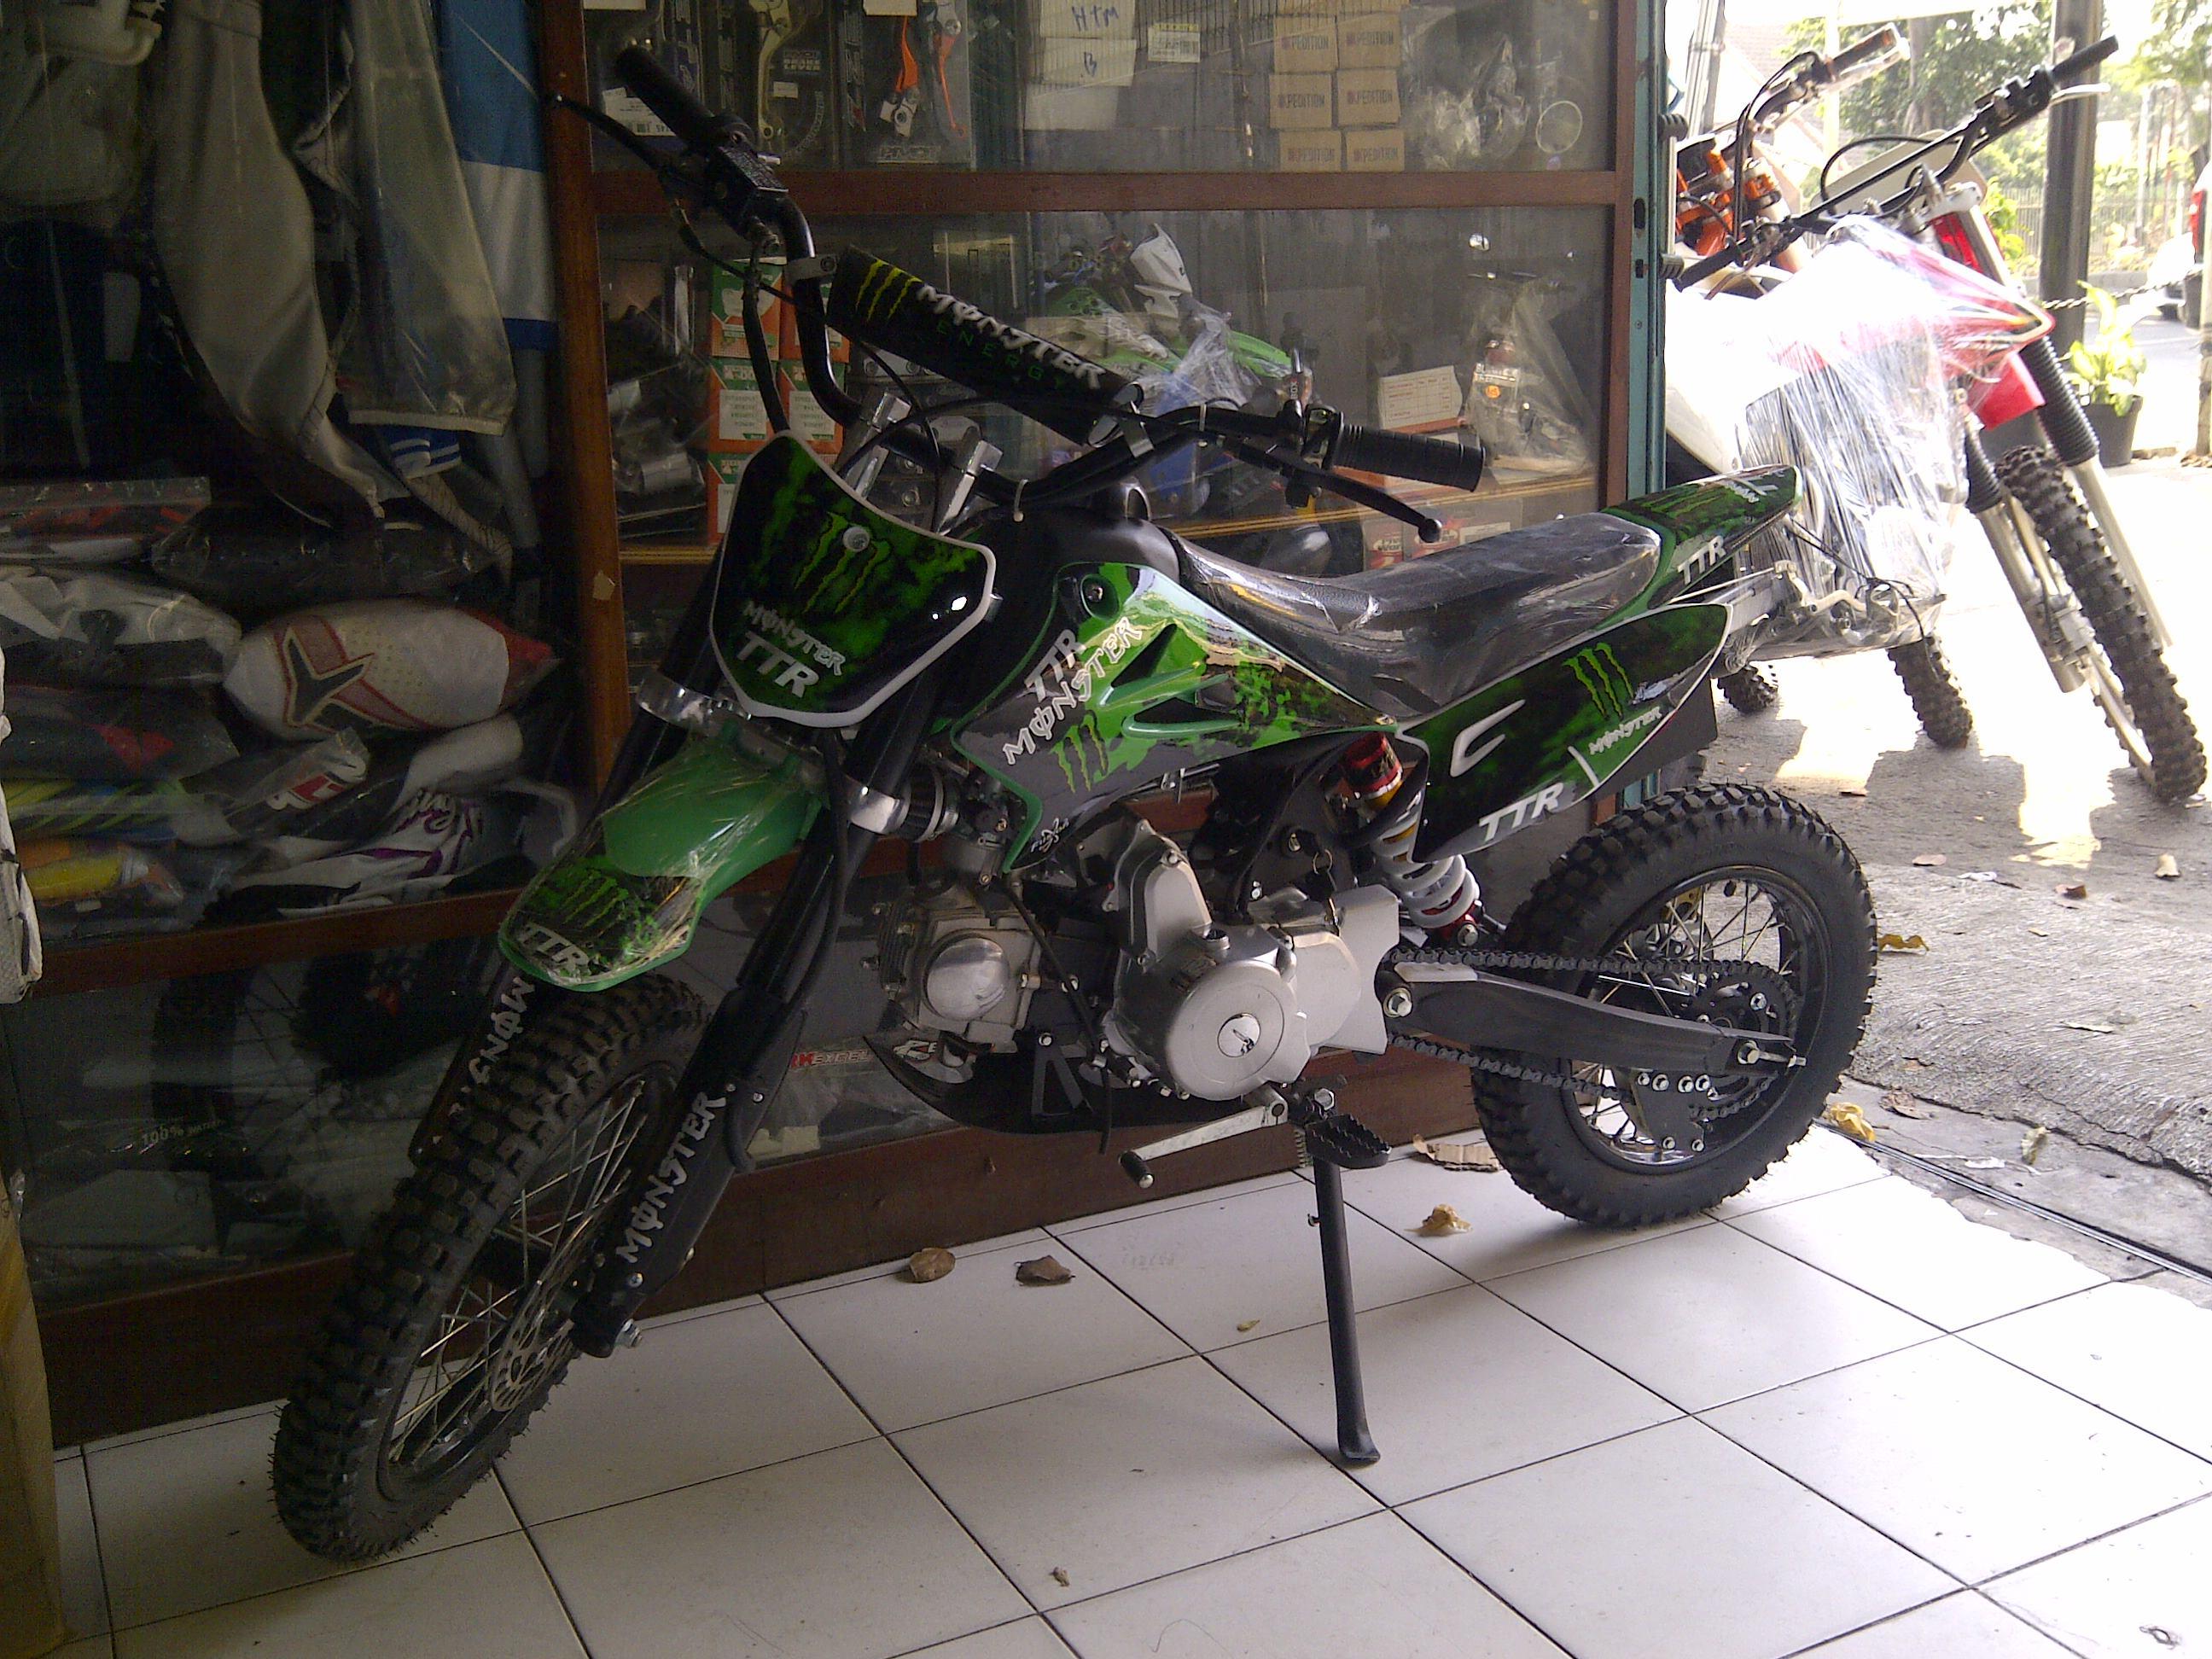 IMG 20140916 00194 mini moto Ttr 125 cc kopling hrg 7,5 jt 4 tak